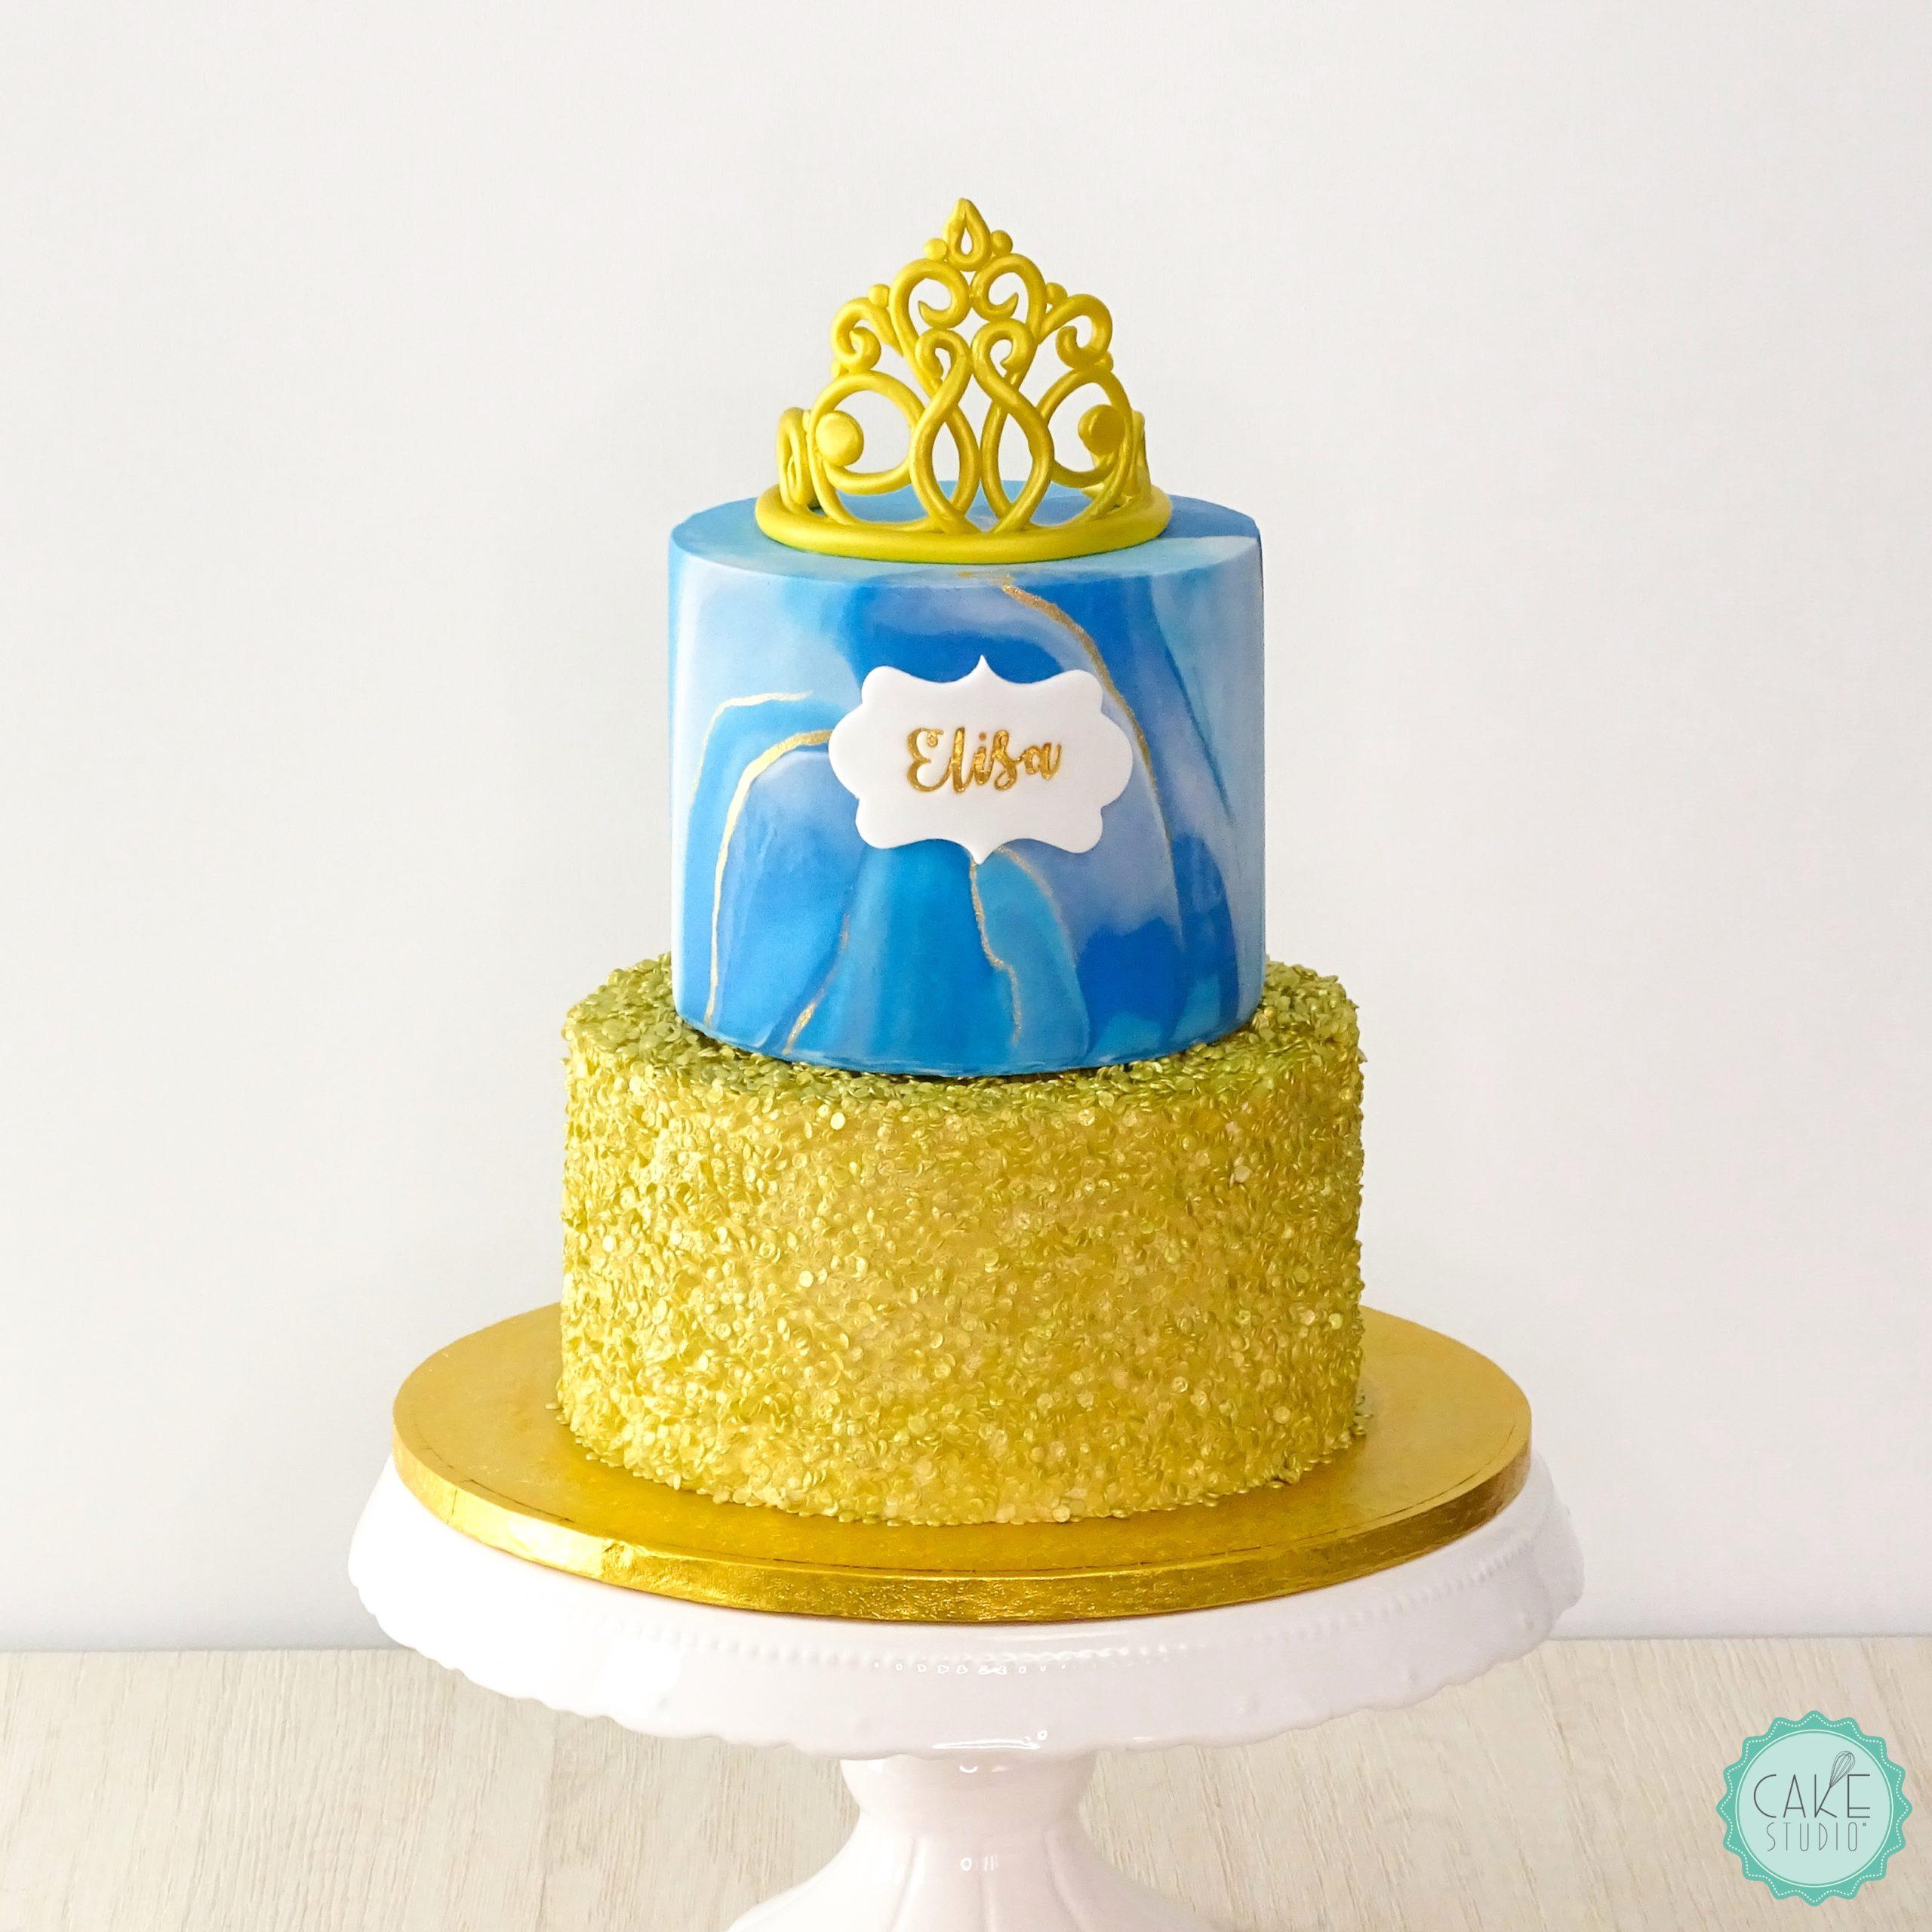 torta compleano paillettes oro marmorizzato bluette corona diadema